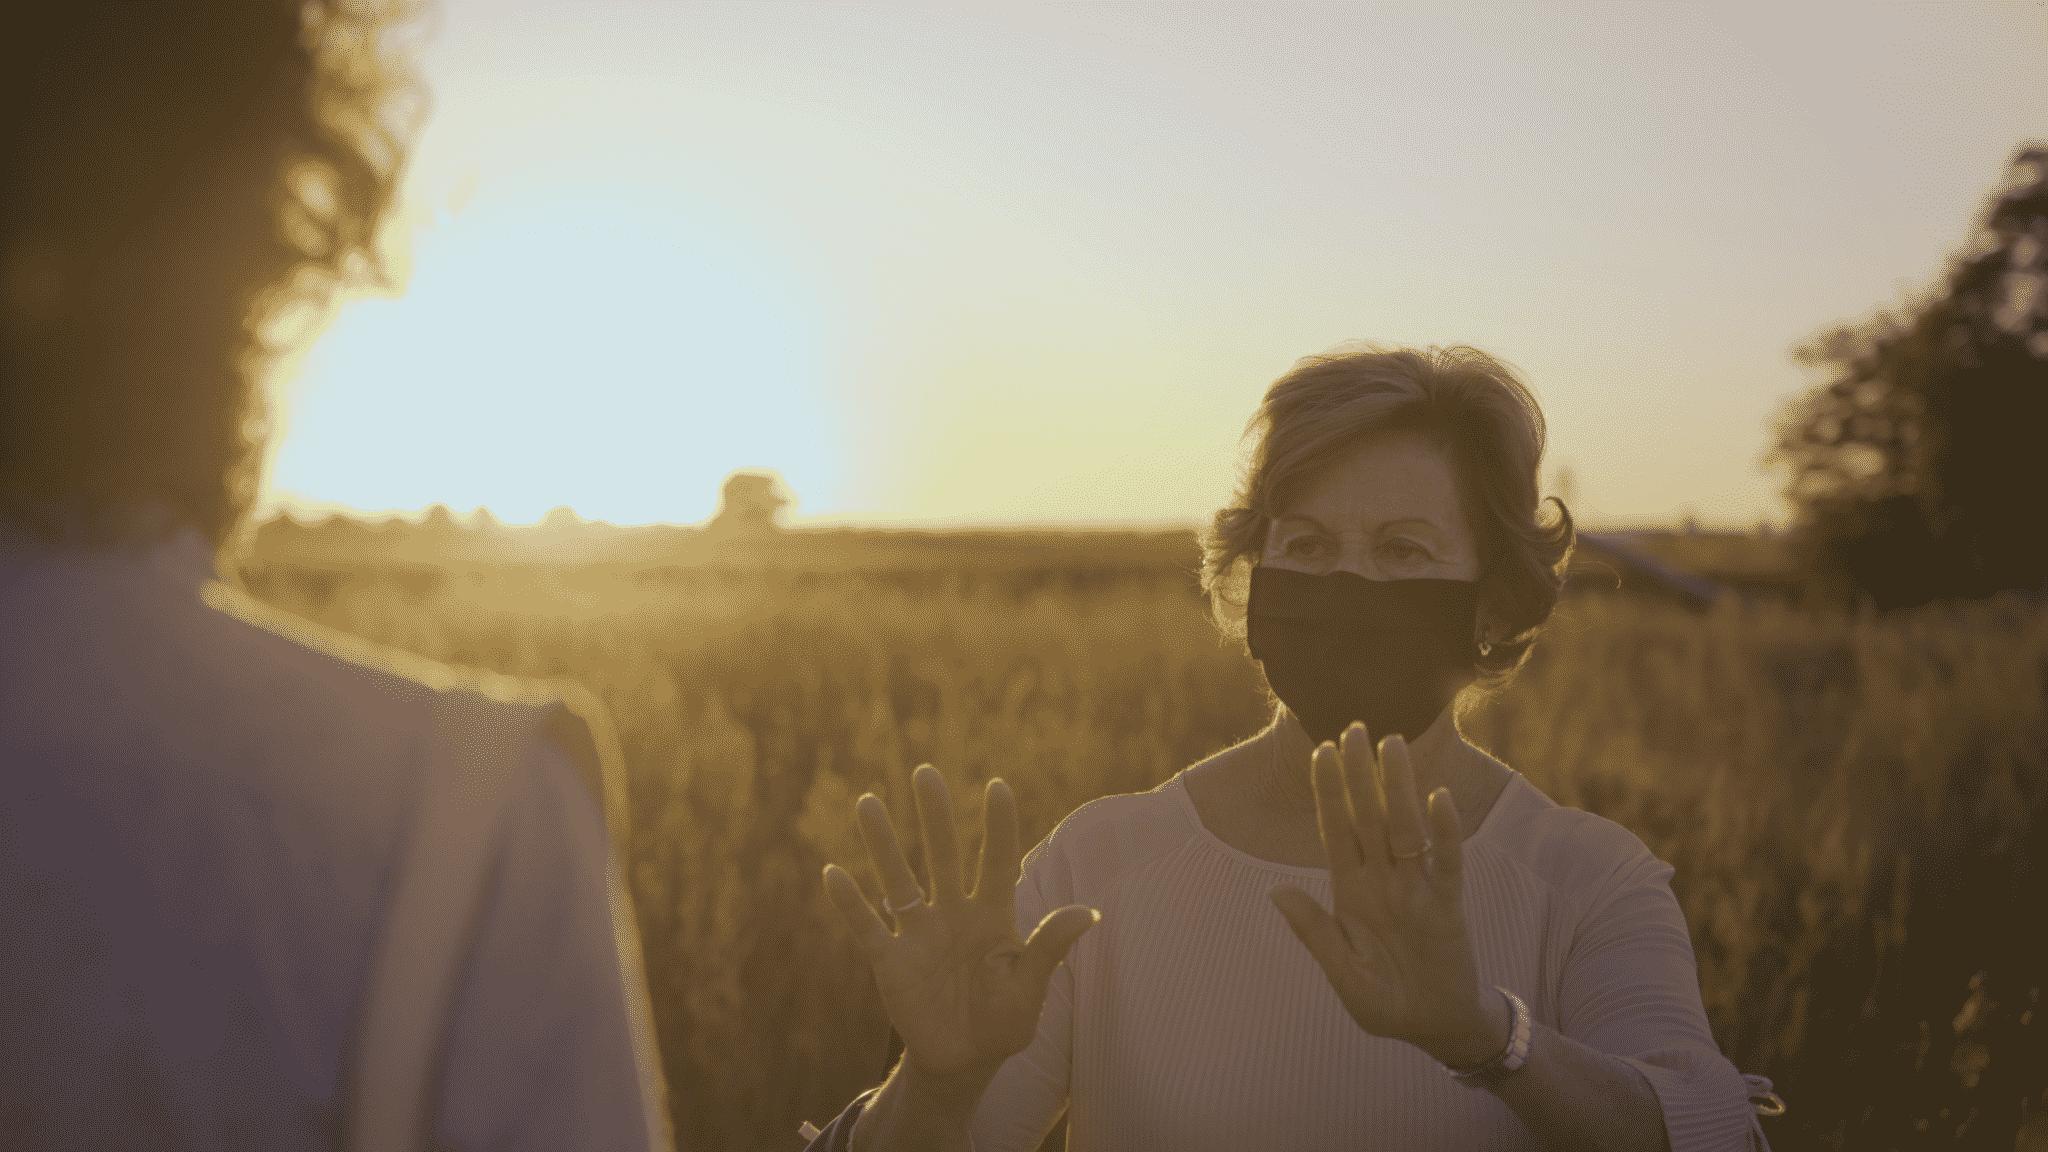 Anguciana, uno de los escenarios del corto que apadrina la categoría Set La Rioja de Notodofilmfest 4